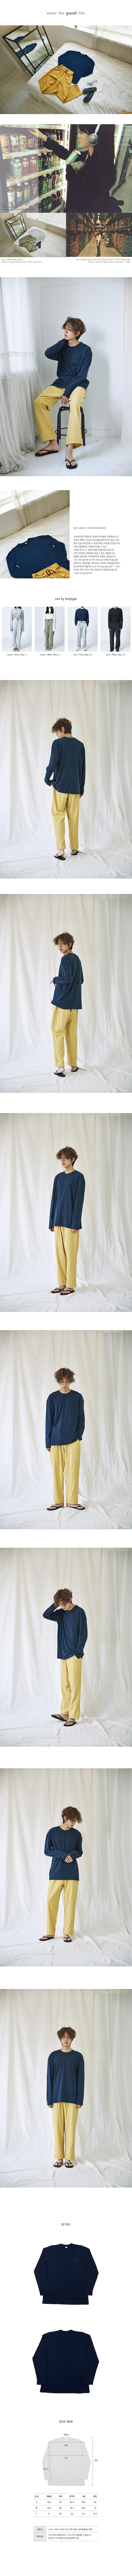 [자토] 히든밴드 (목늘어남방지) 유니섹스 오버핏 긴팔티 - navy